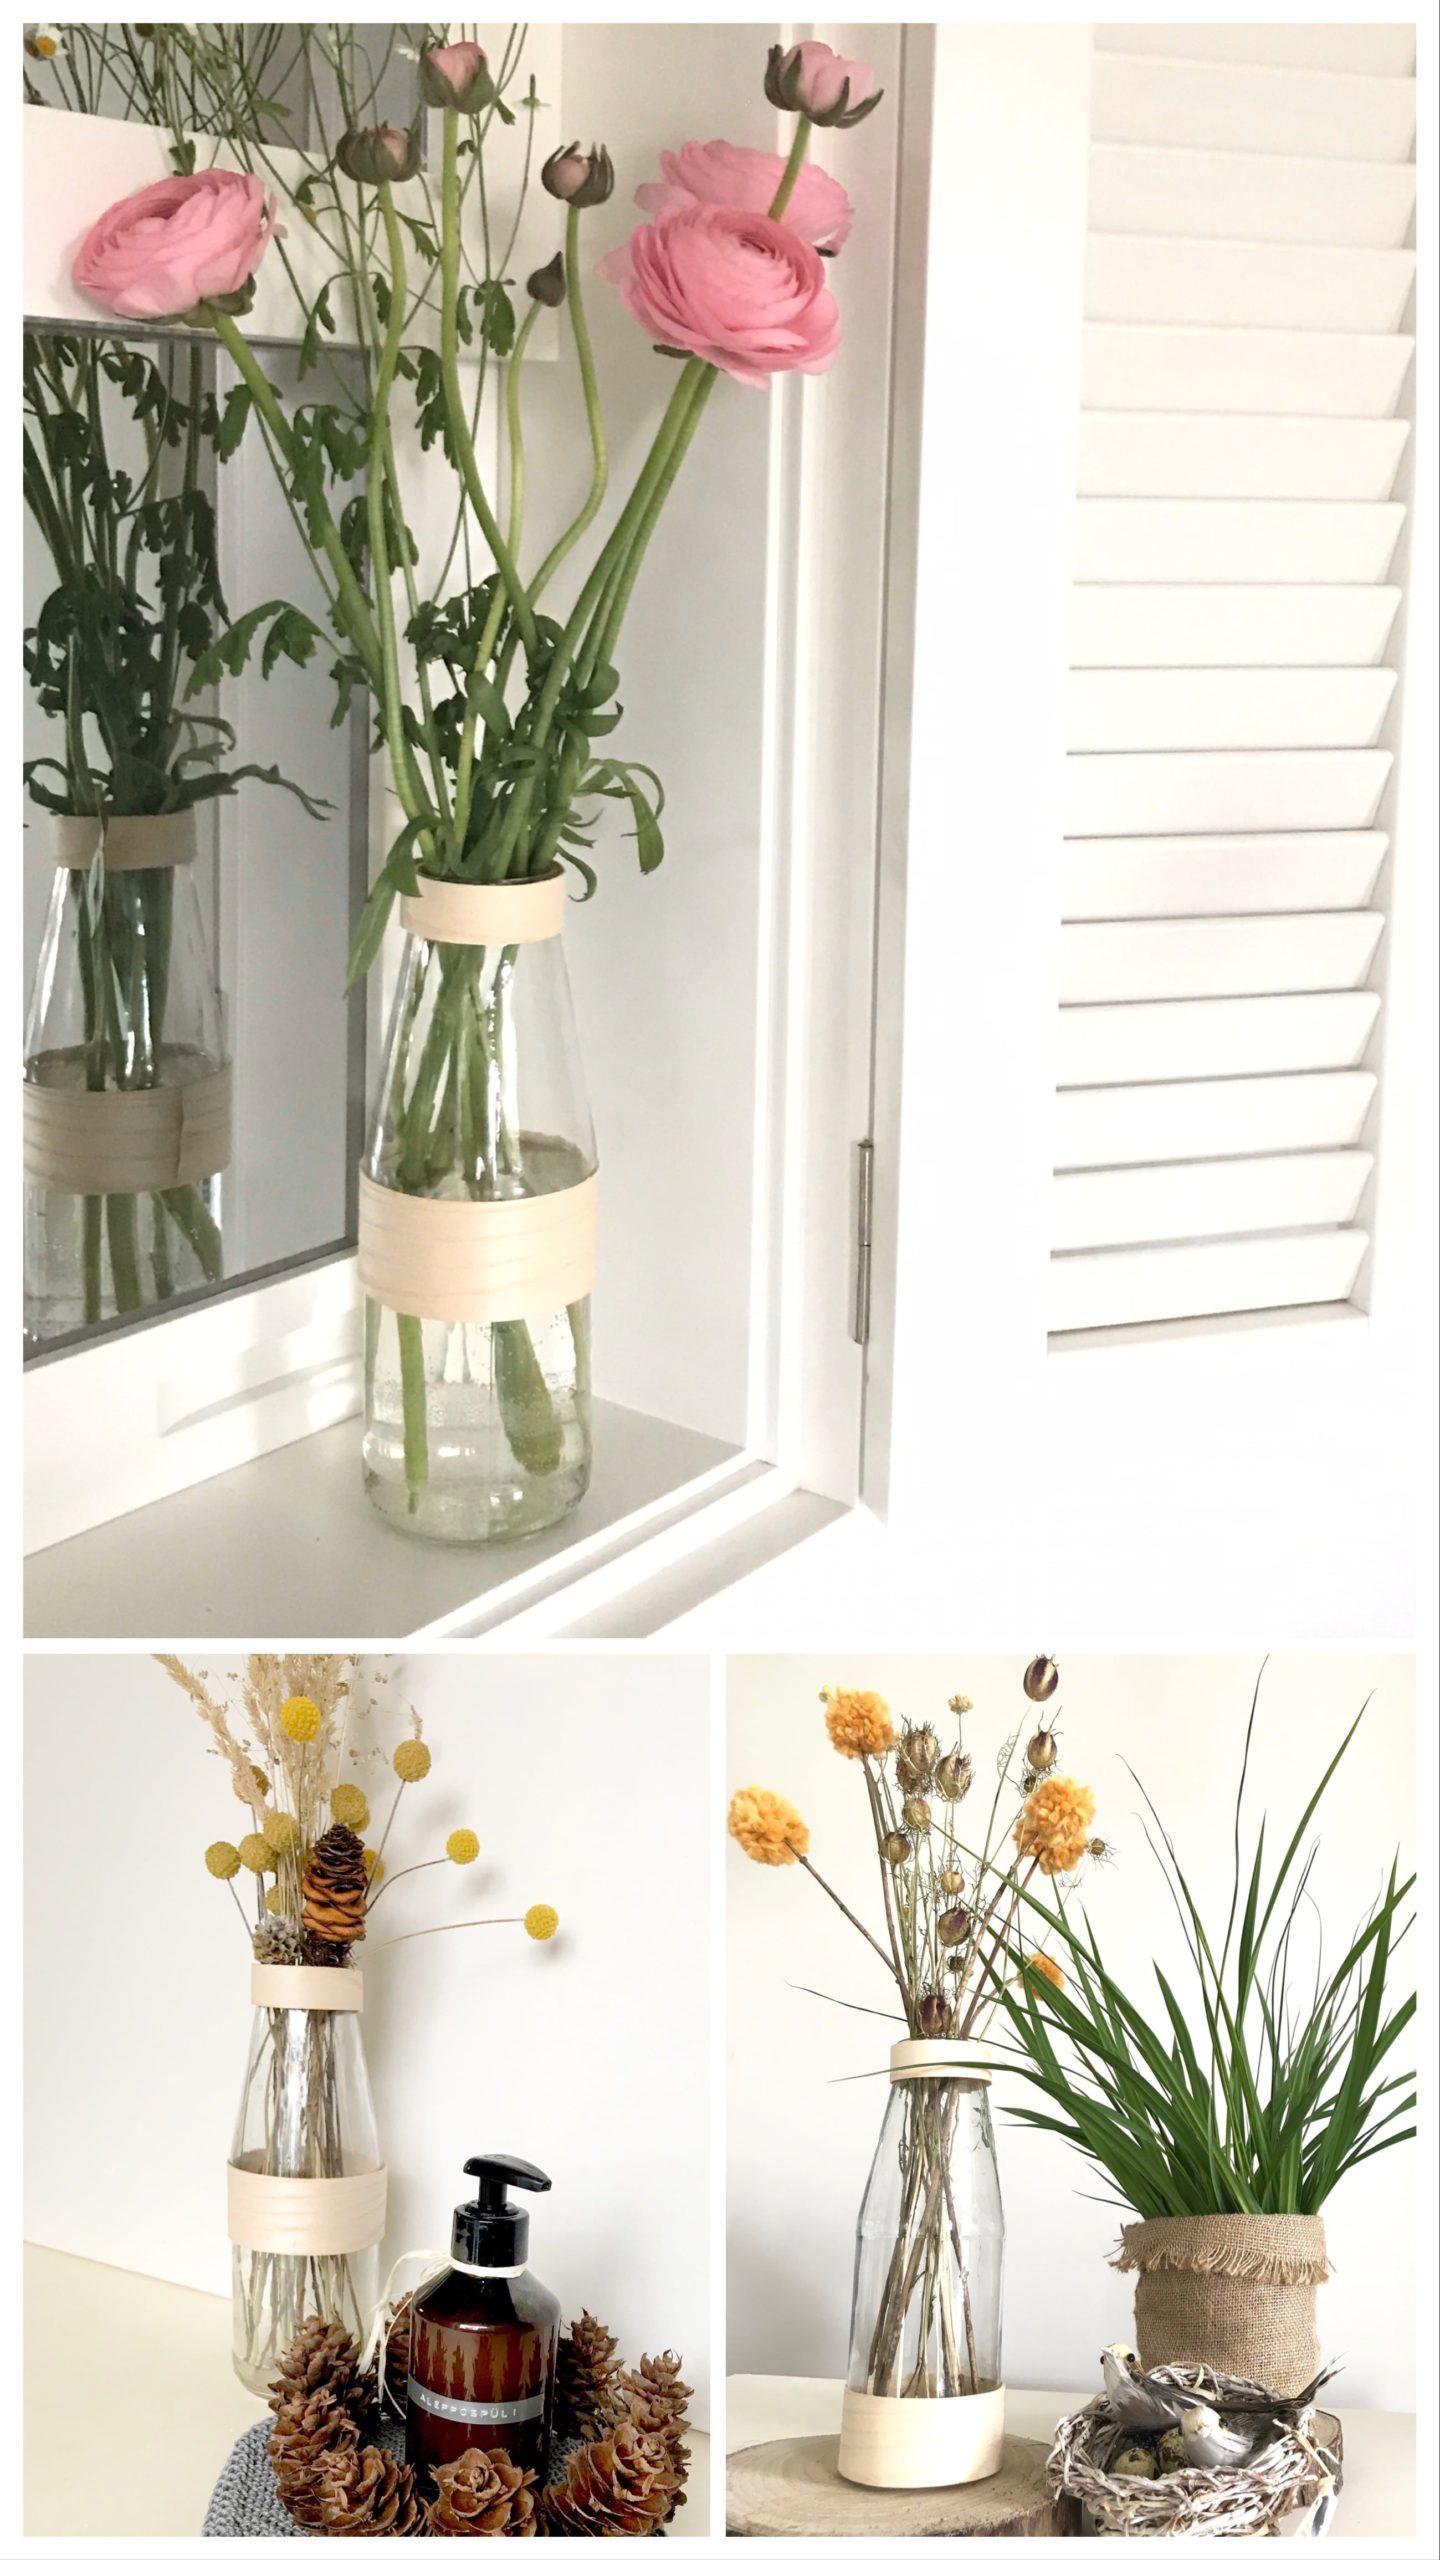 DIY: Kleine DIYs für das ganze Jahr. Vase mit Furnierholz. Upcycling einer alter Flasche zu coolen DIY Vase. Basteln mit Furnierholz. Instagram Summary. #Chalet8, #DIYVase